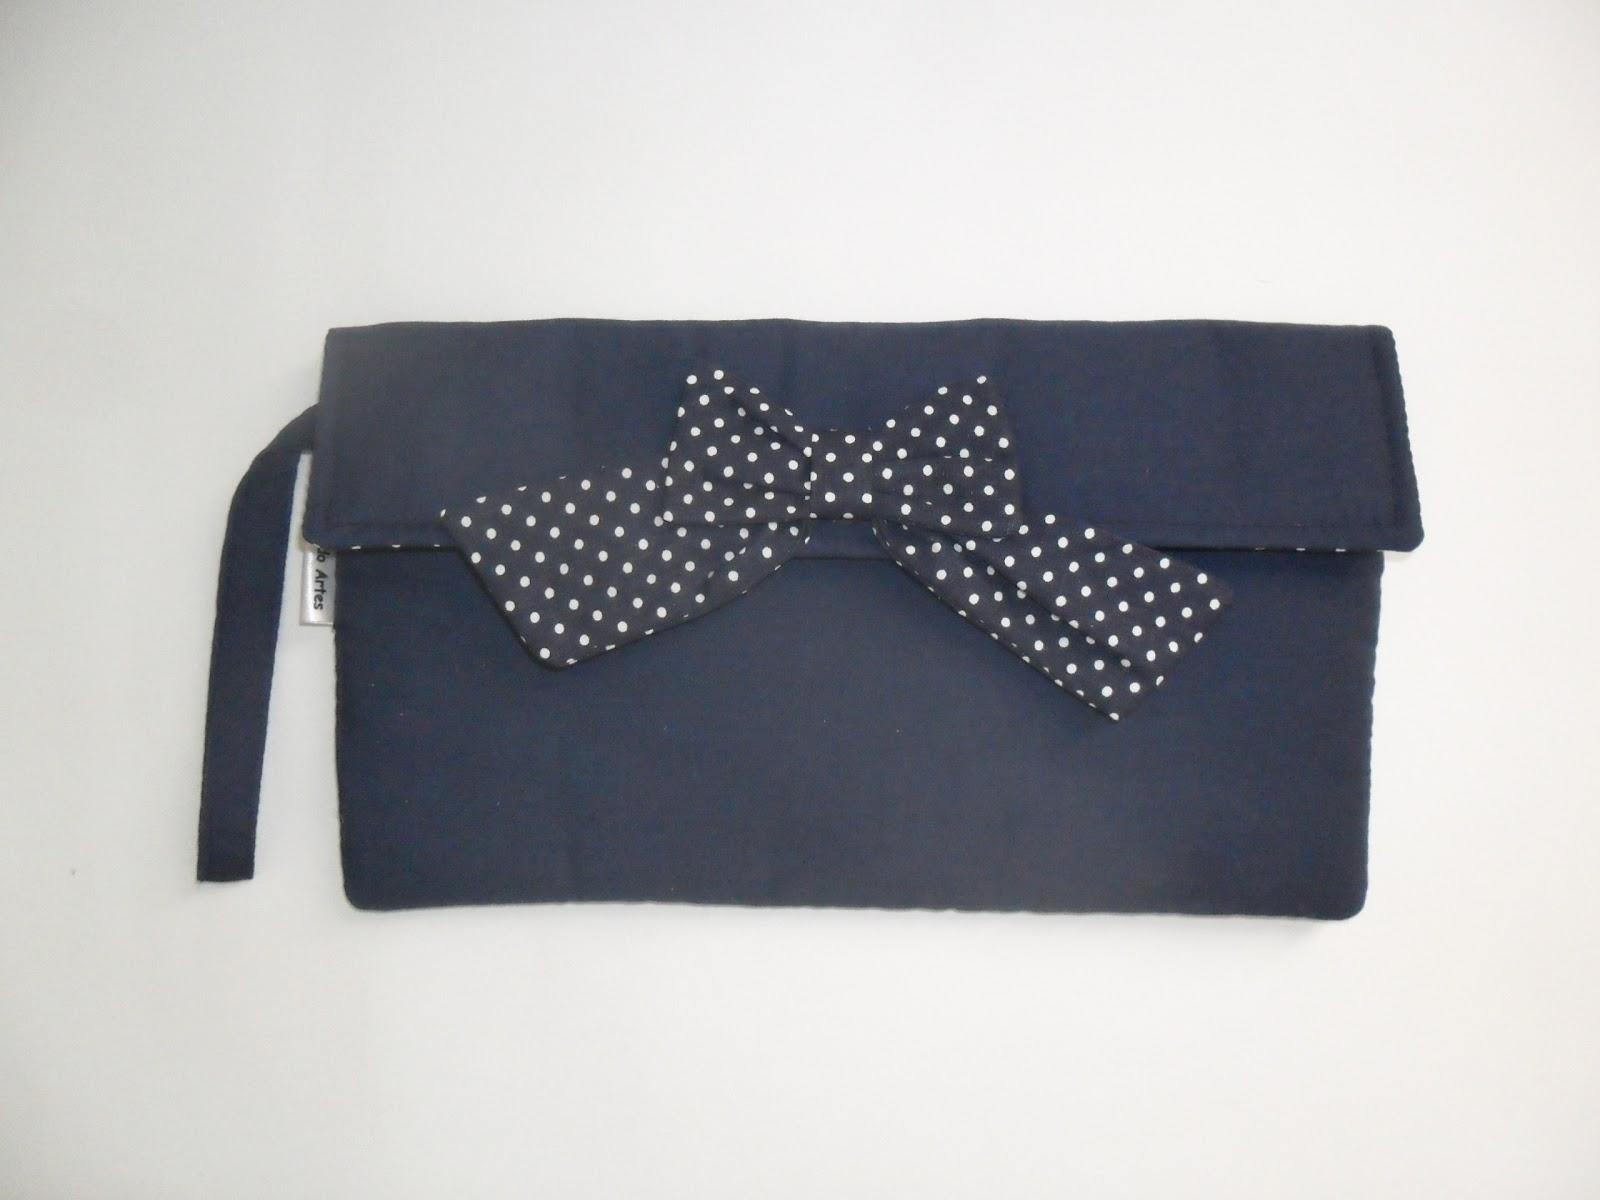 Bolsa De Mao Azul Marinho : Artesanato candido artes bolsa de m?o carteira azul